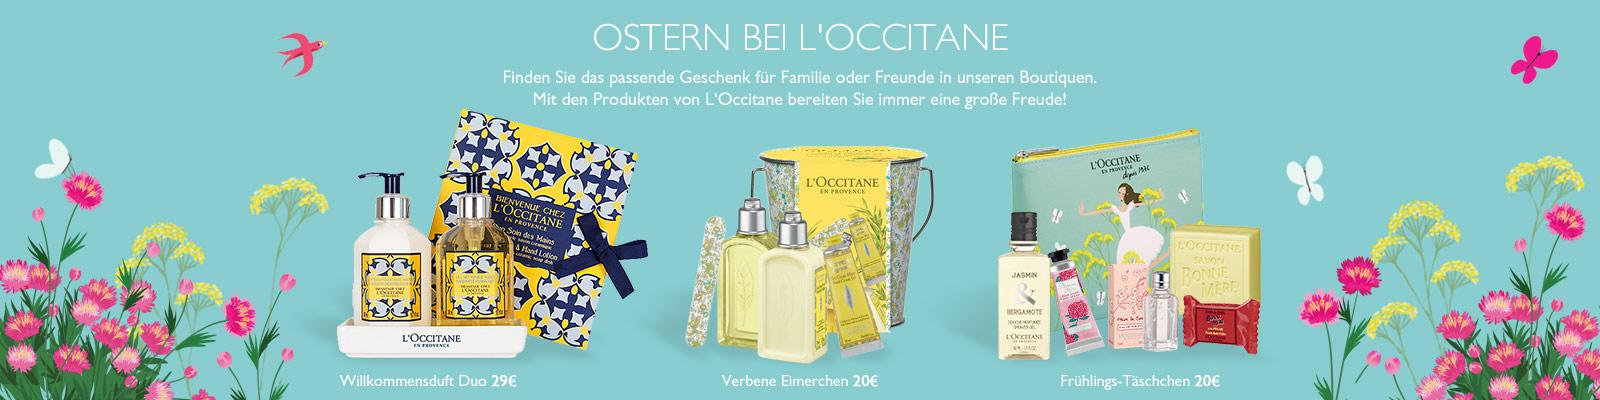 Ostern Angebot - L'Occitane Deutschland